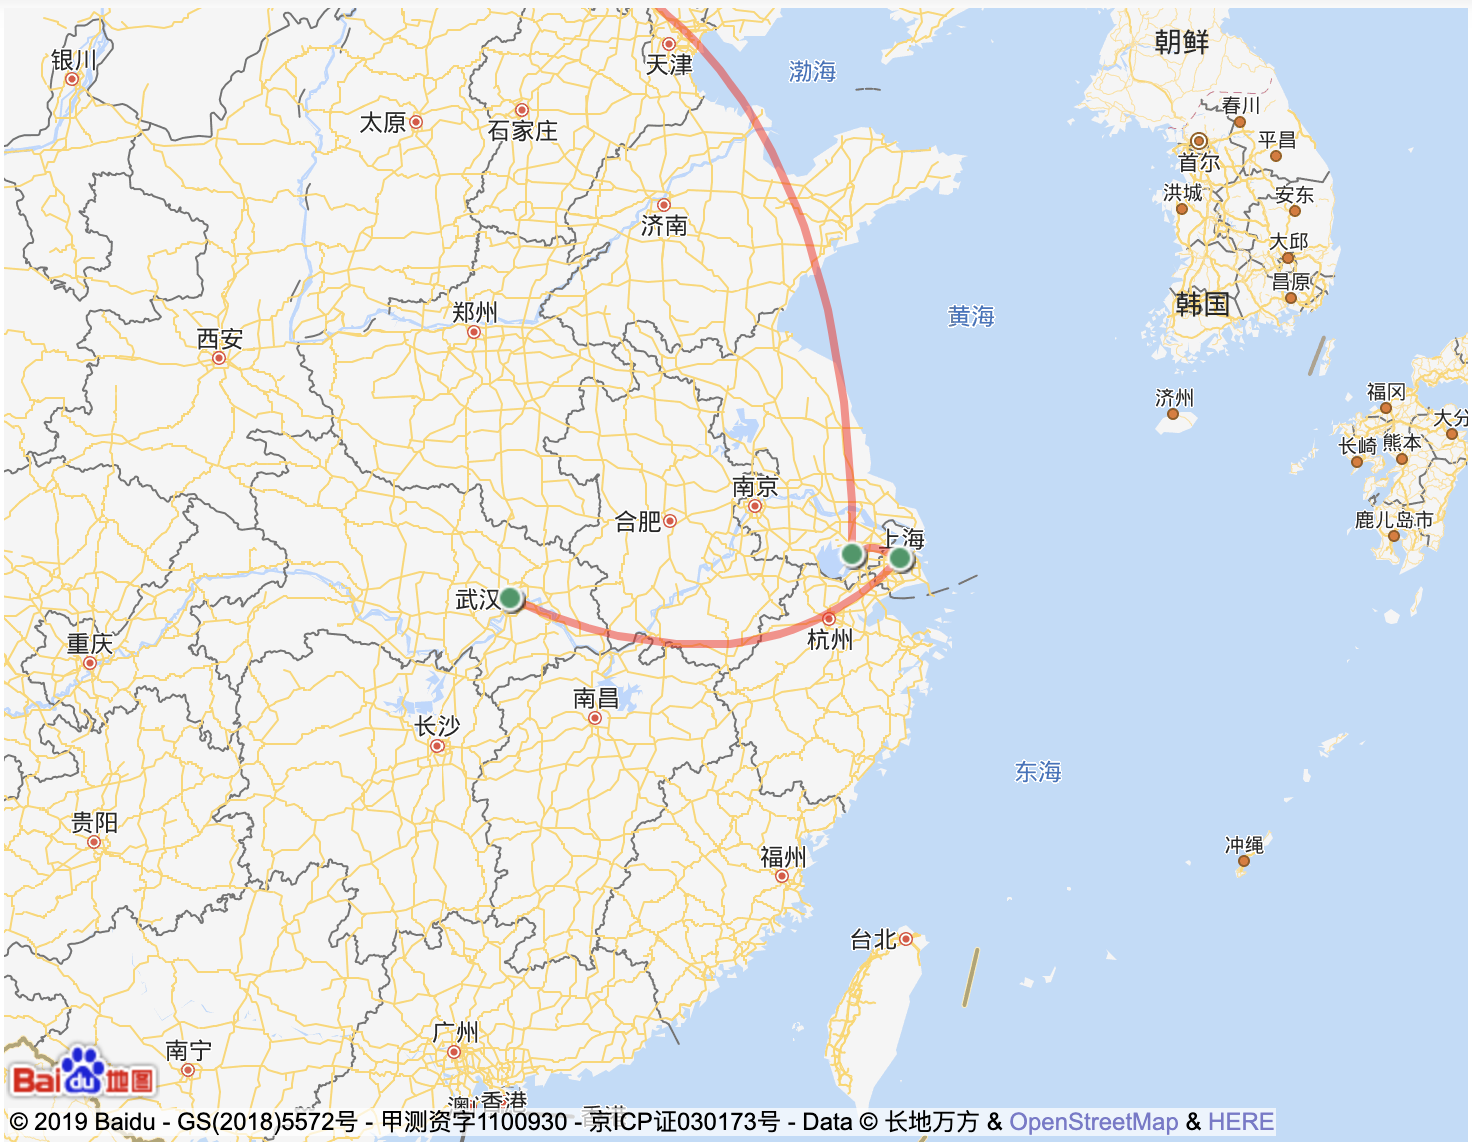 使用Angular8和百度地图api开发《旅游清单》